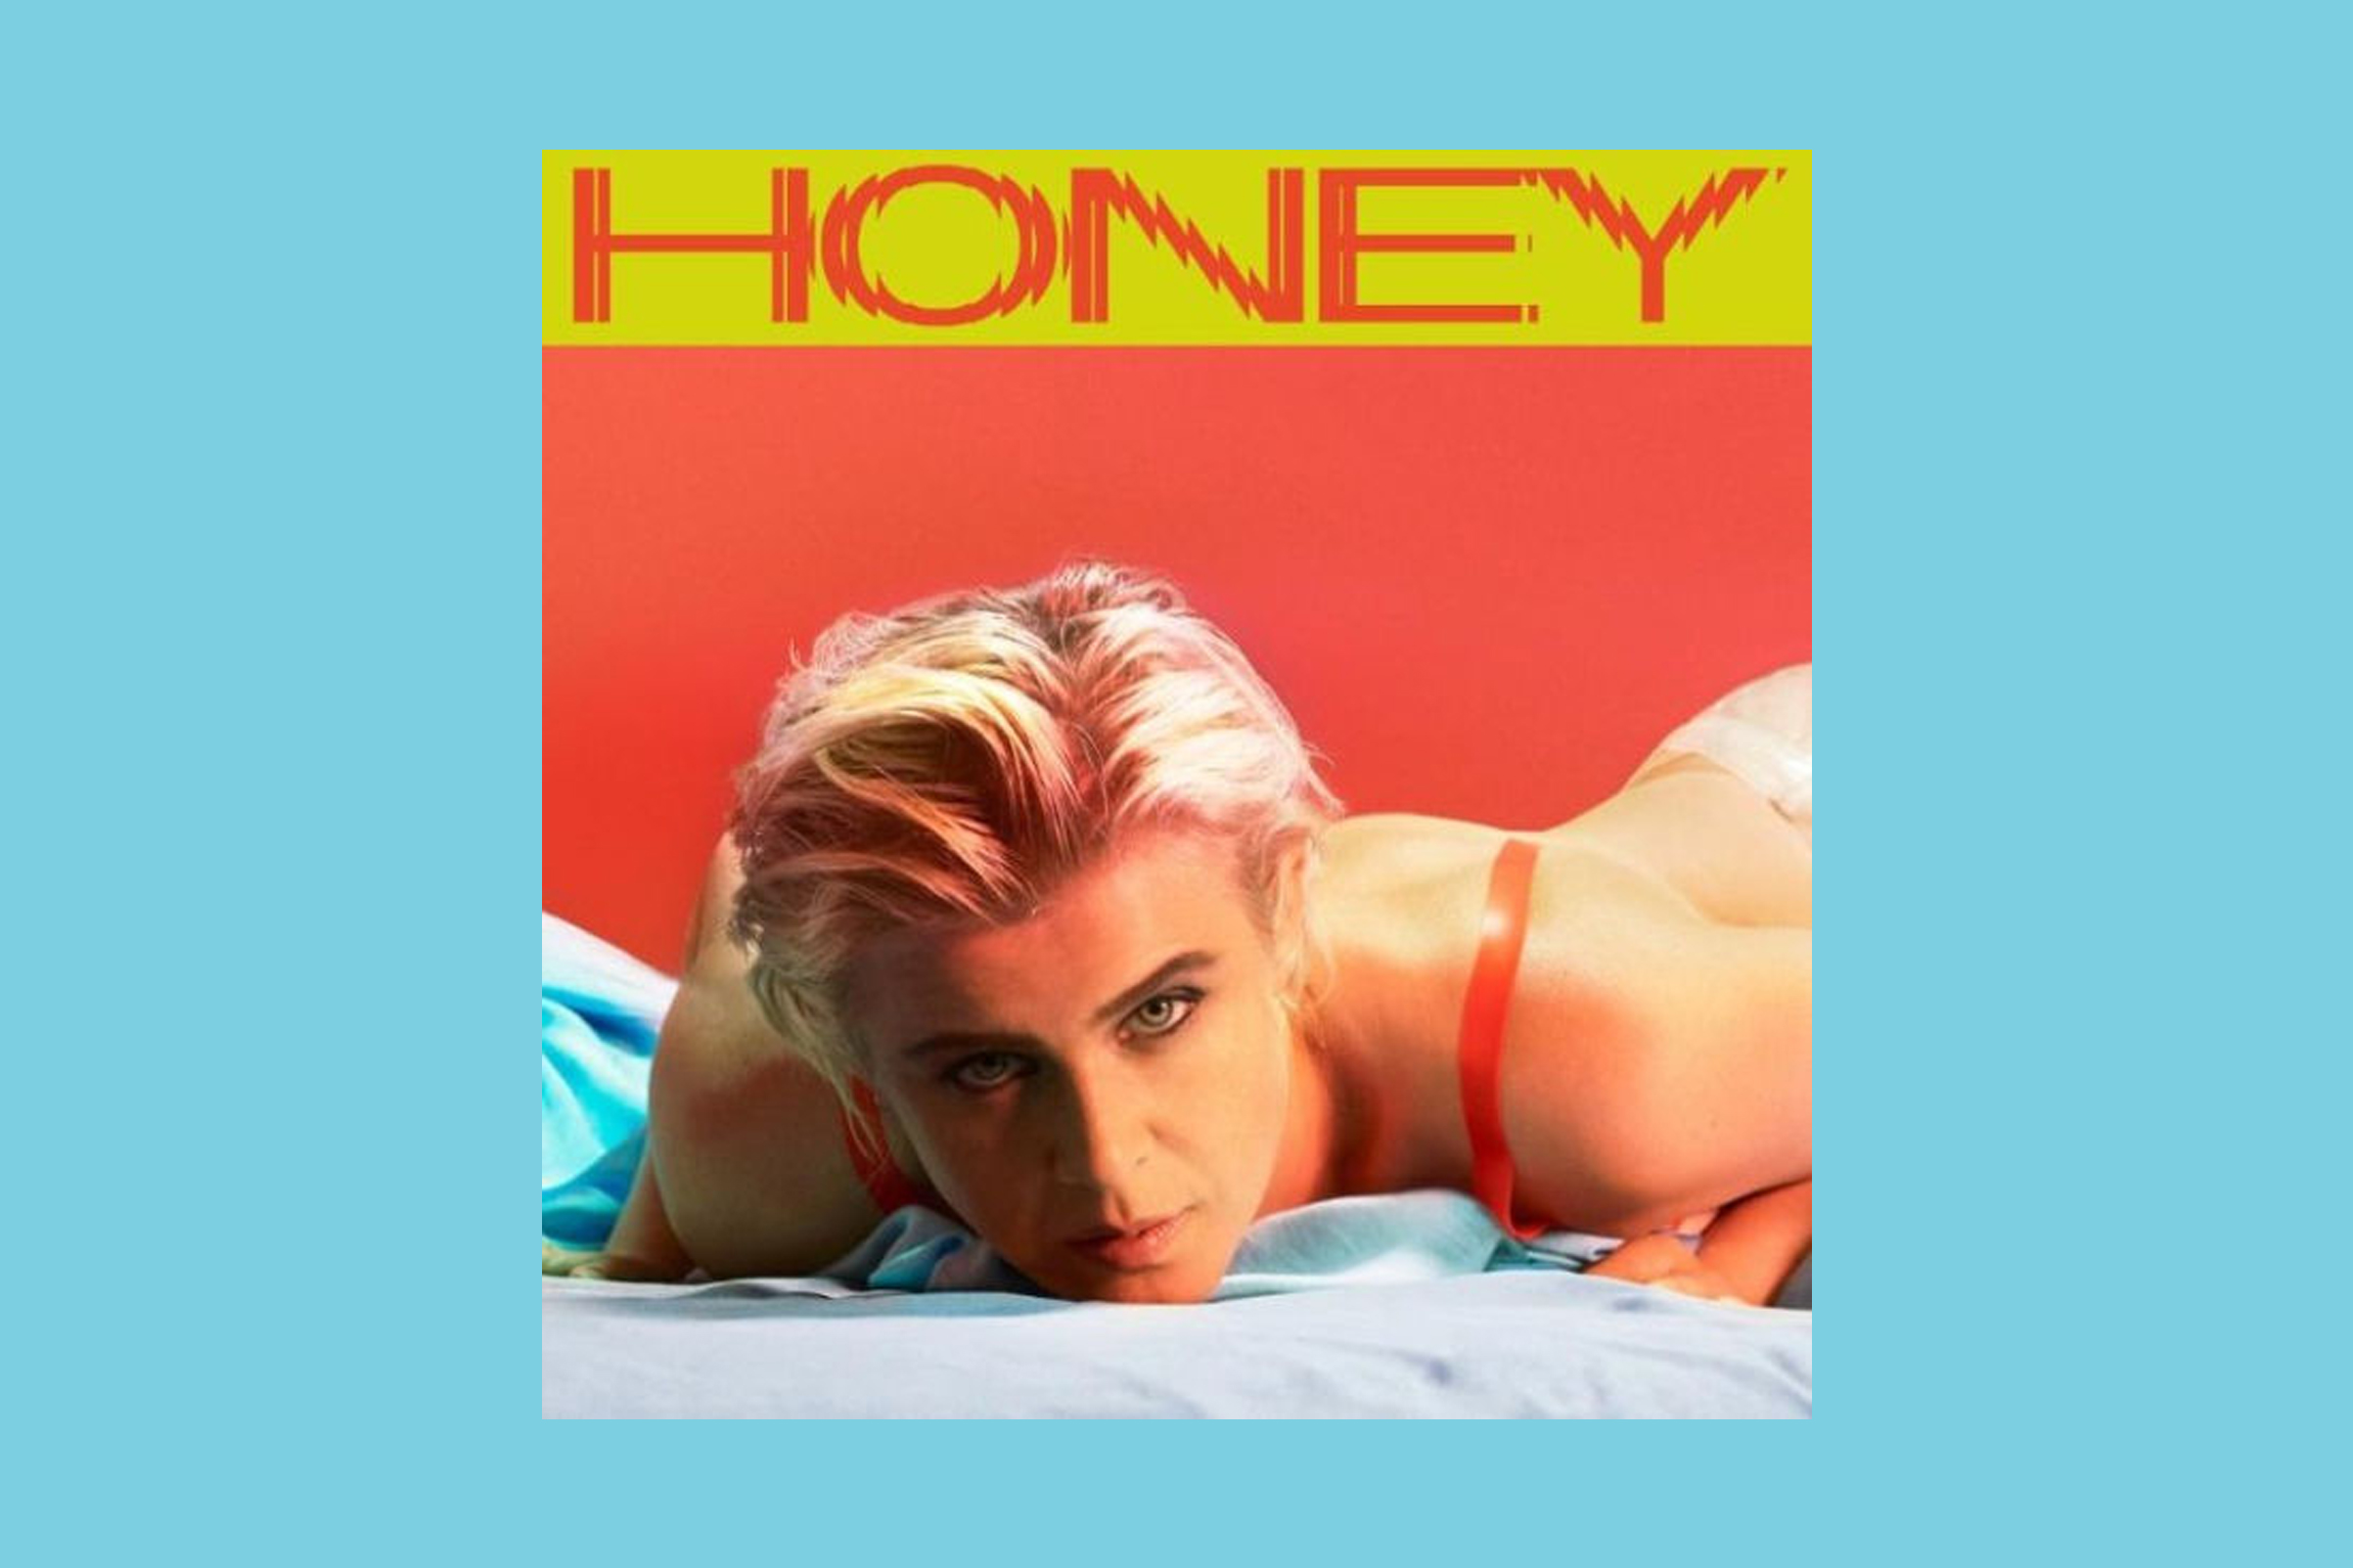 Robyn, Honey